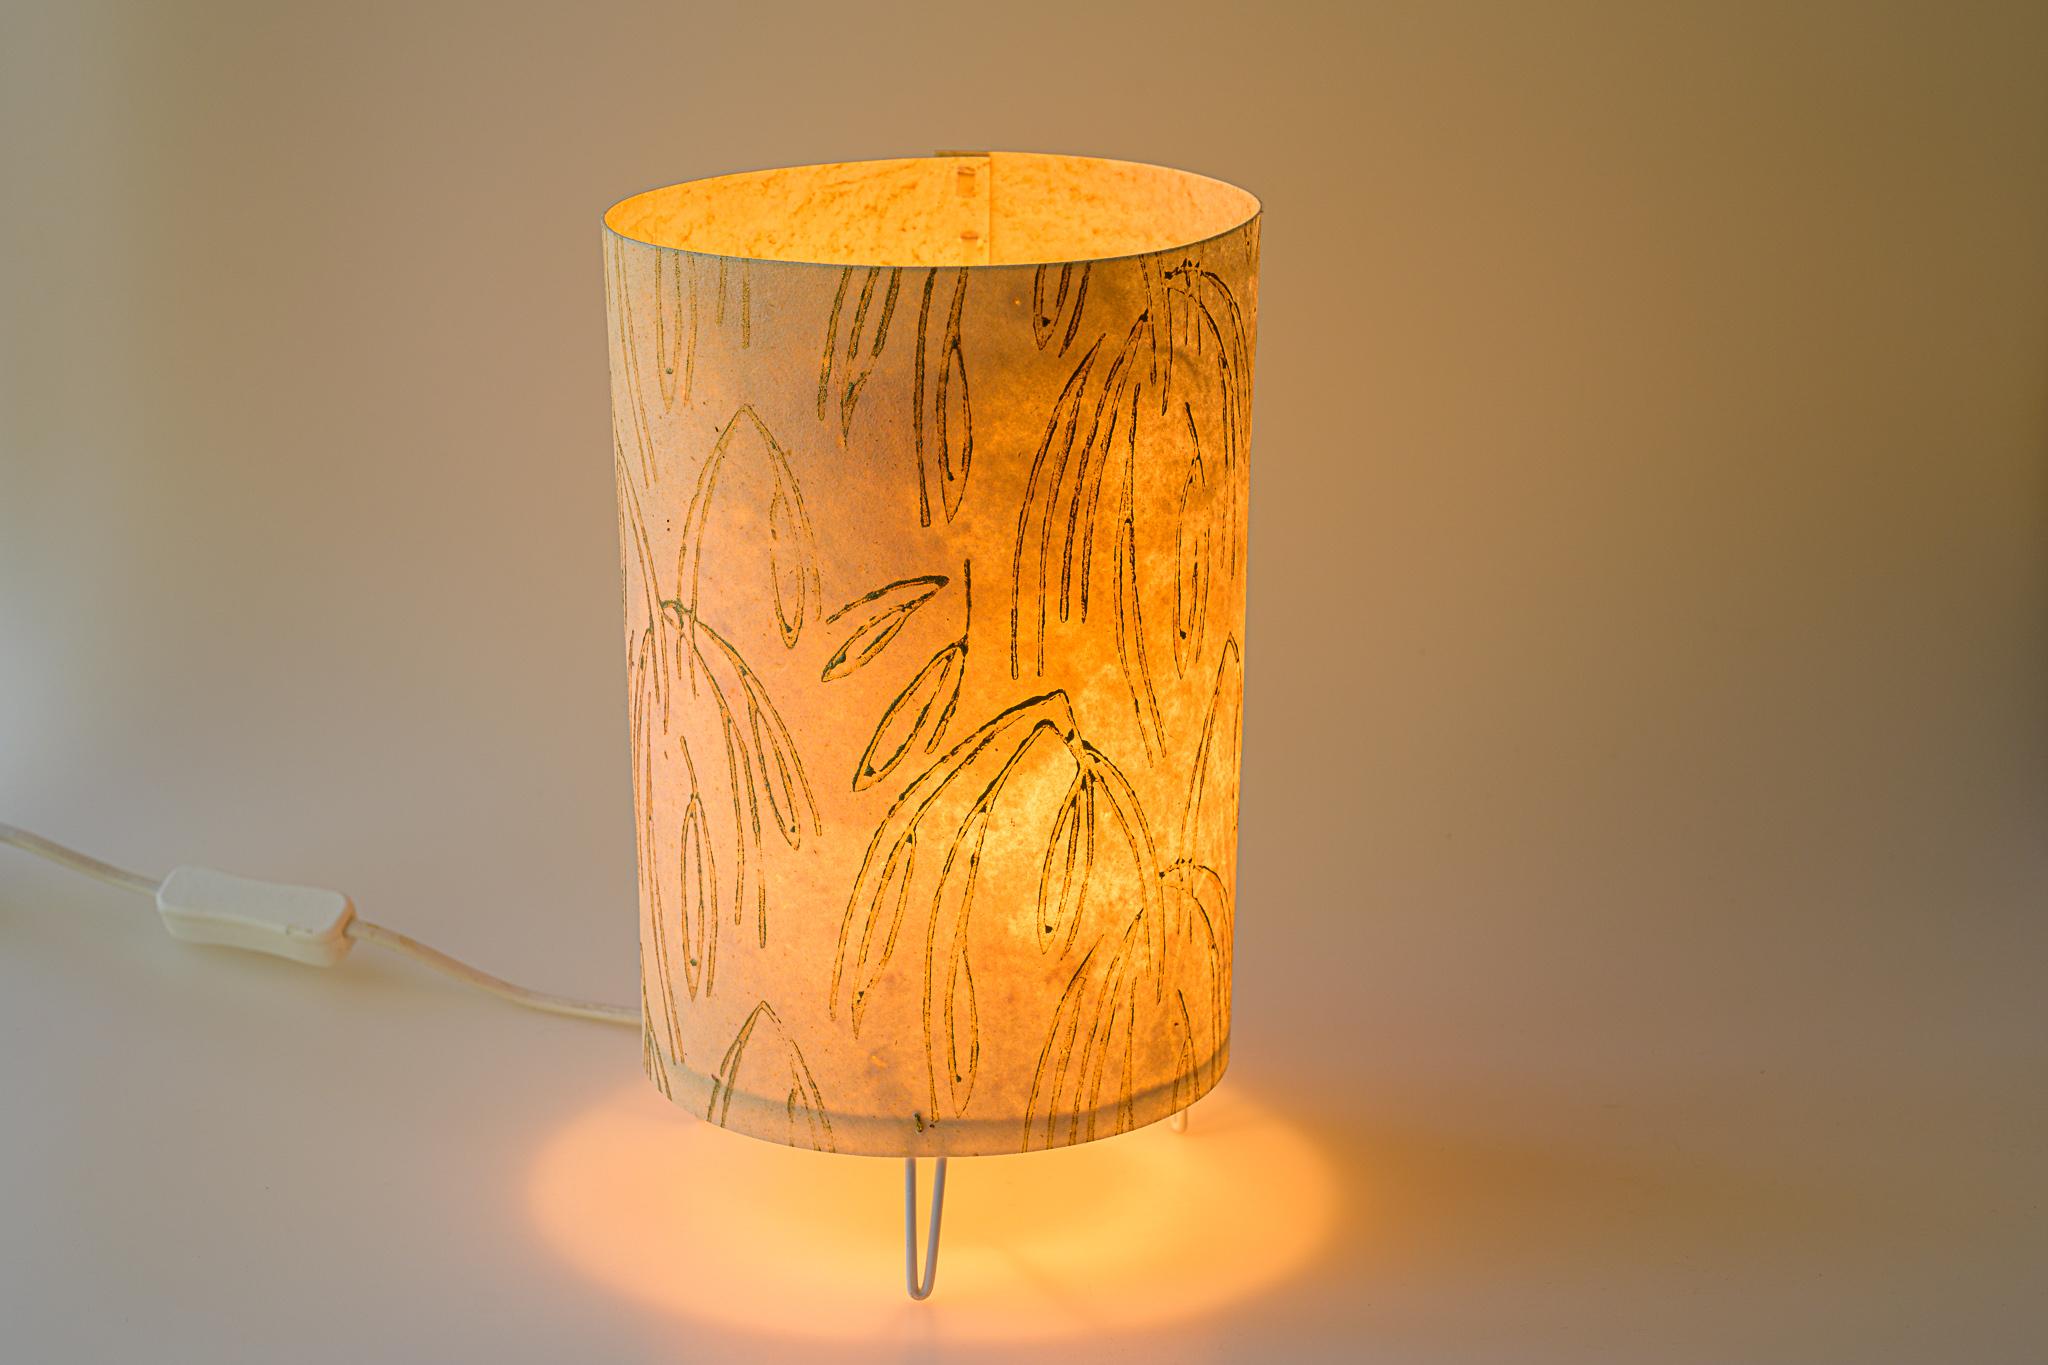 Tischlampe aus Rindspergament mit Musterrolle bemalt Euro 120.-